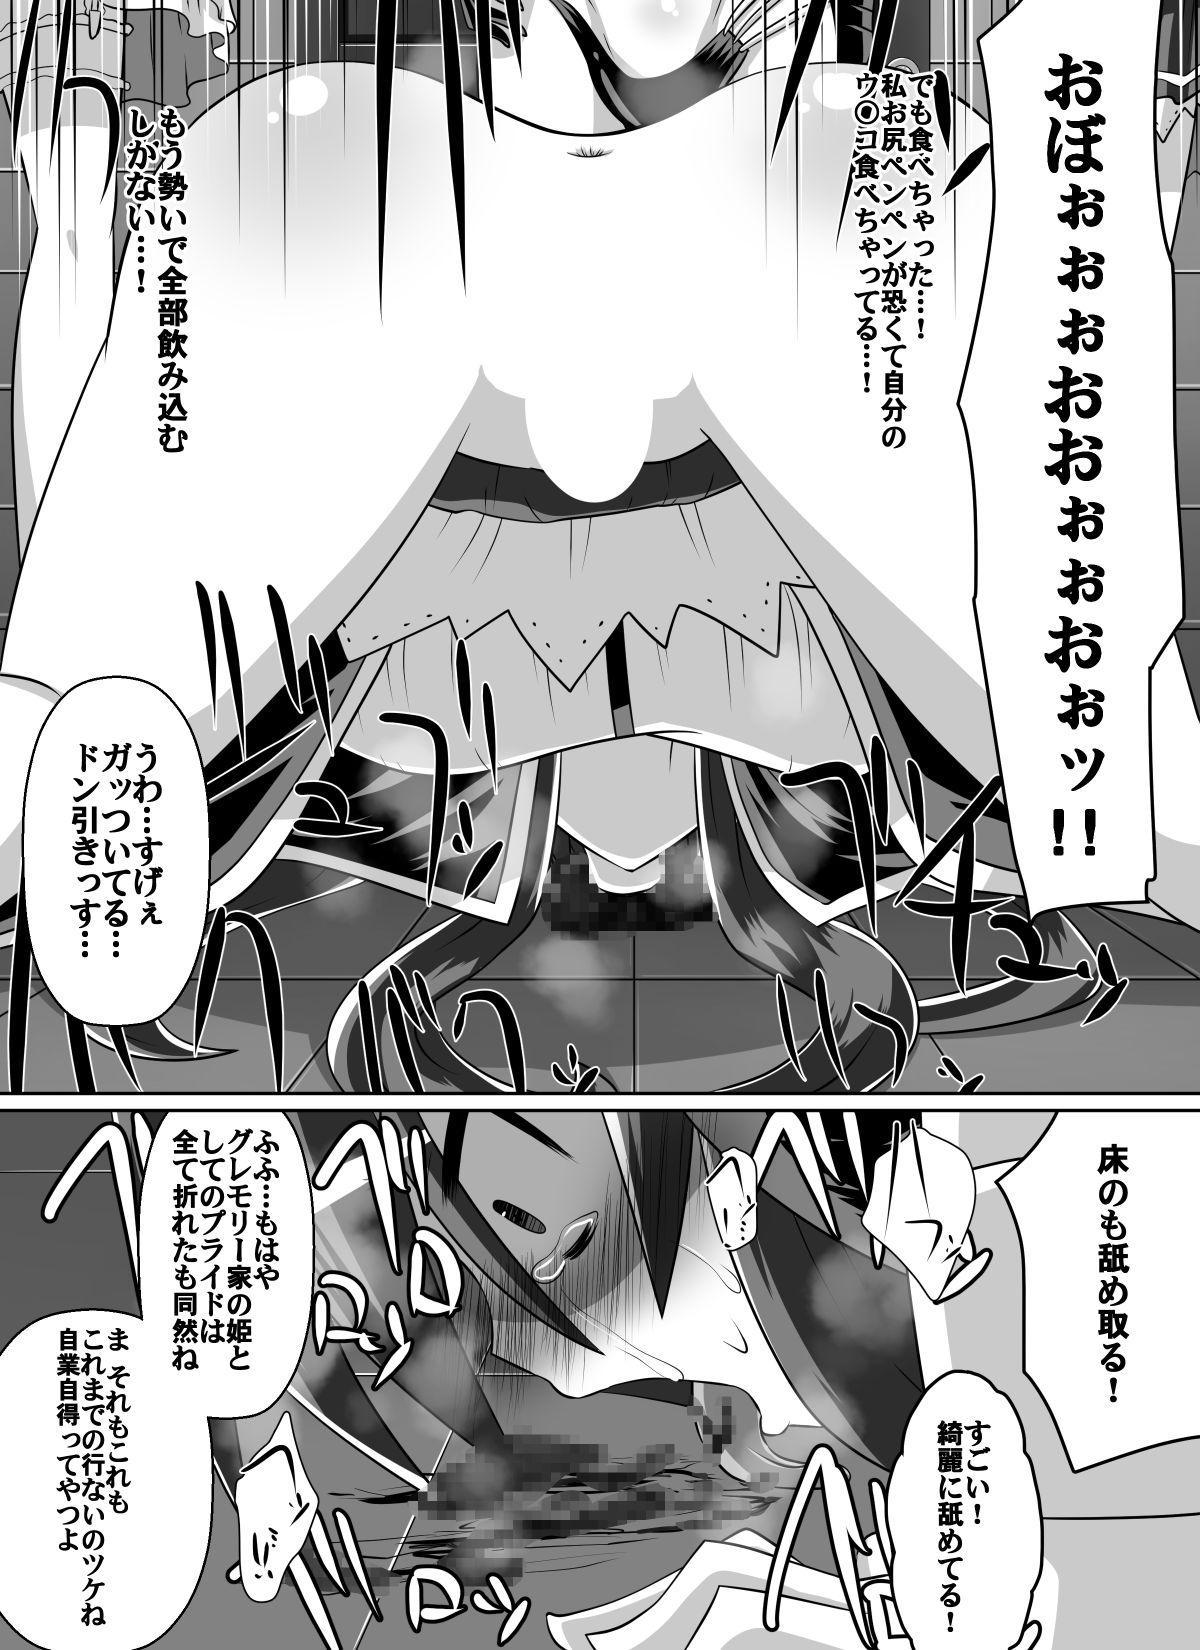 Benigami no Messatsuki ~Teki Onna ni Juurin Sareru Kouketsu Shoujo 52